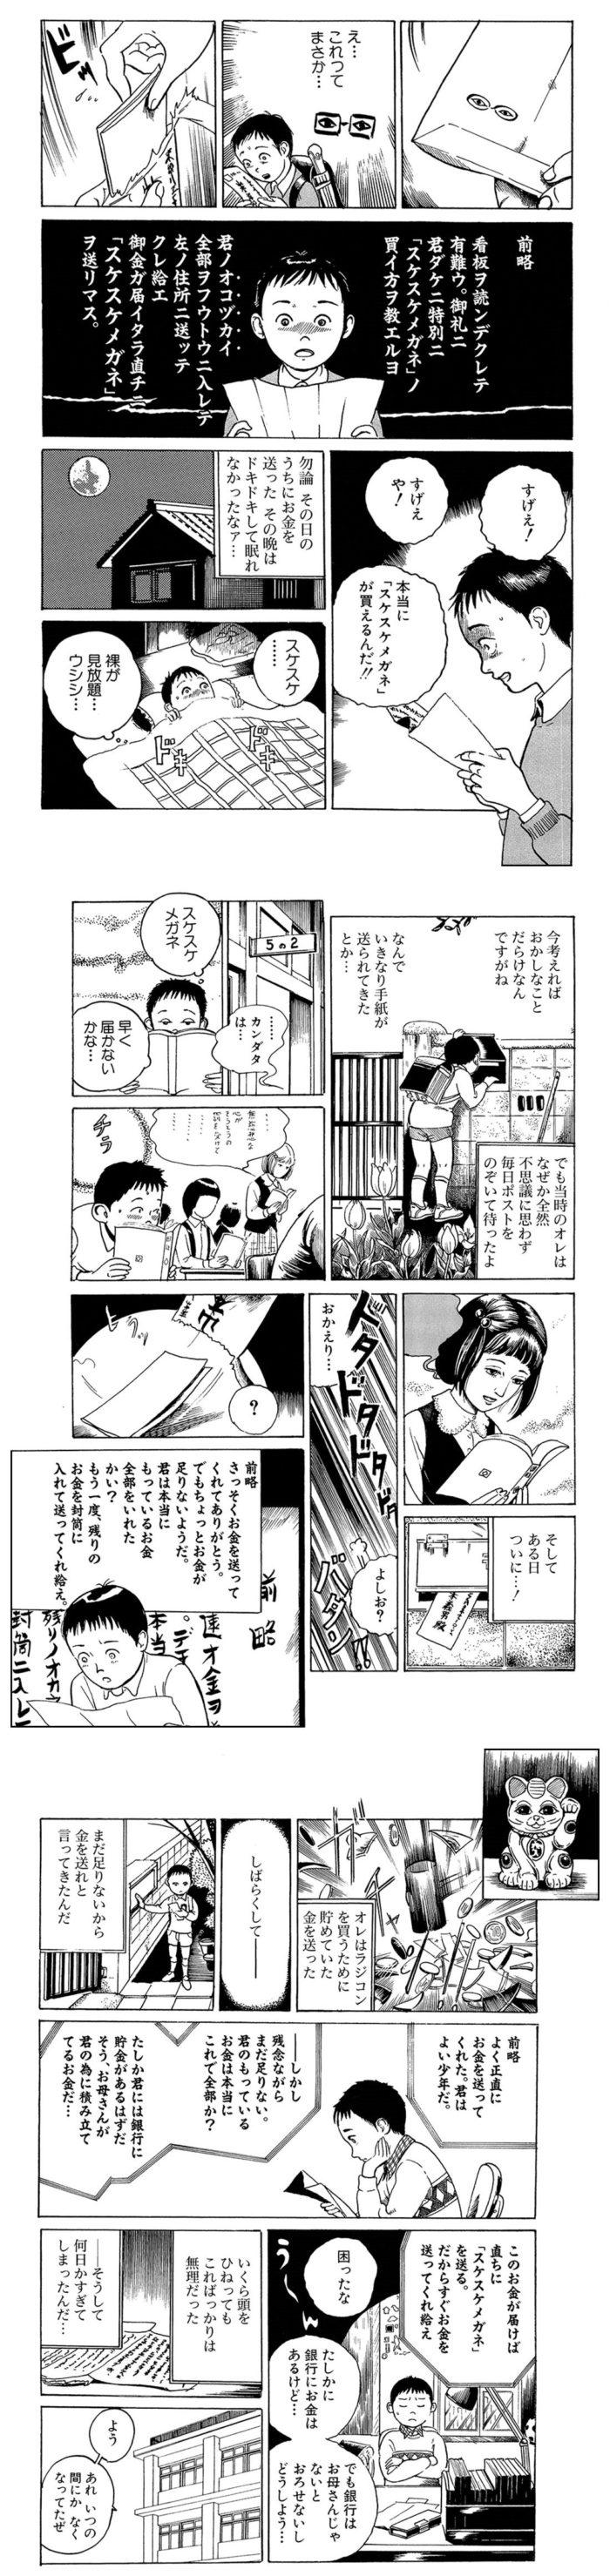 sukesuke02